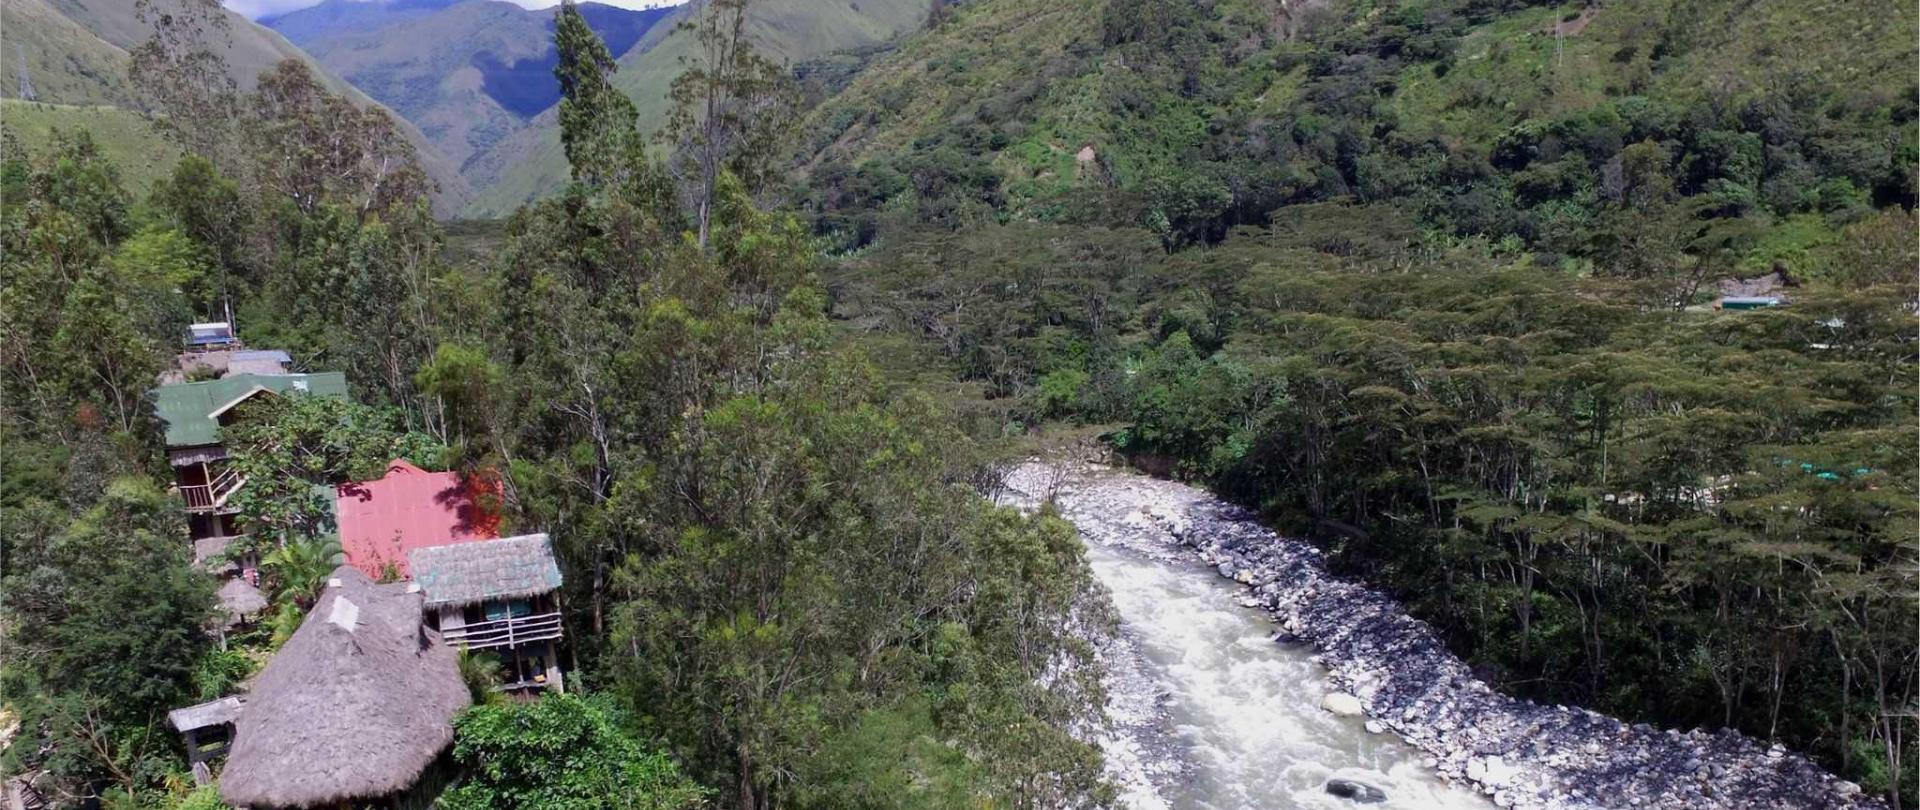 eco-quechua.jpg